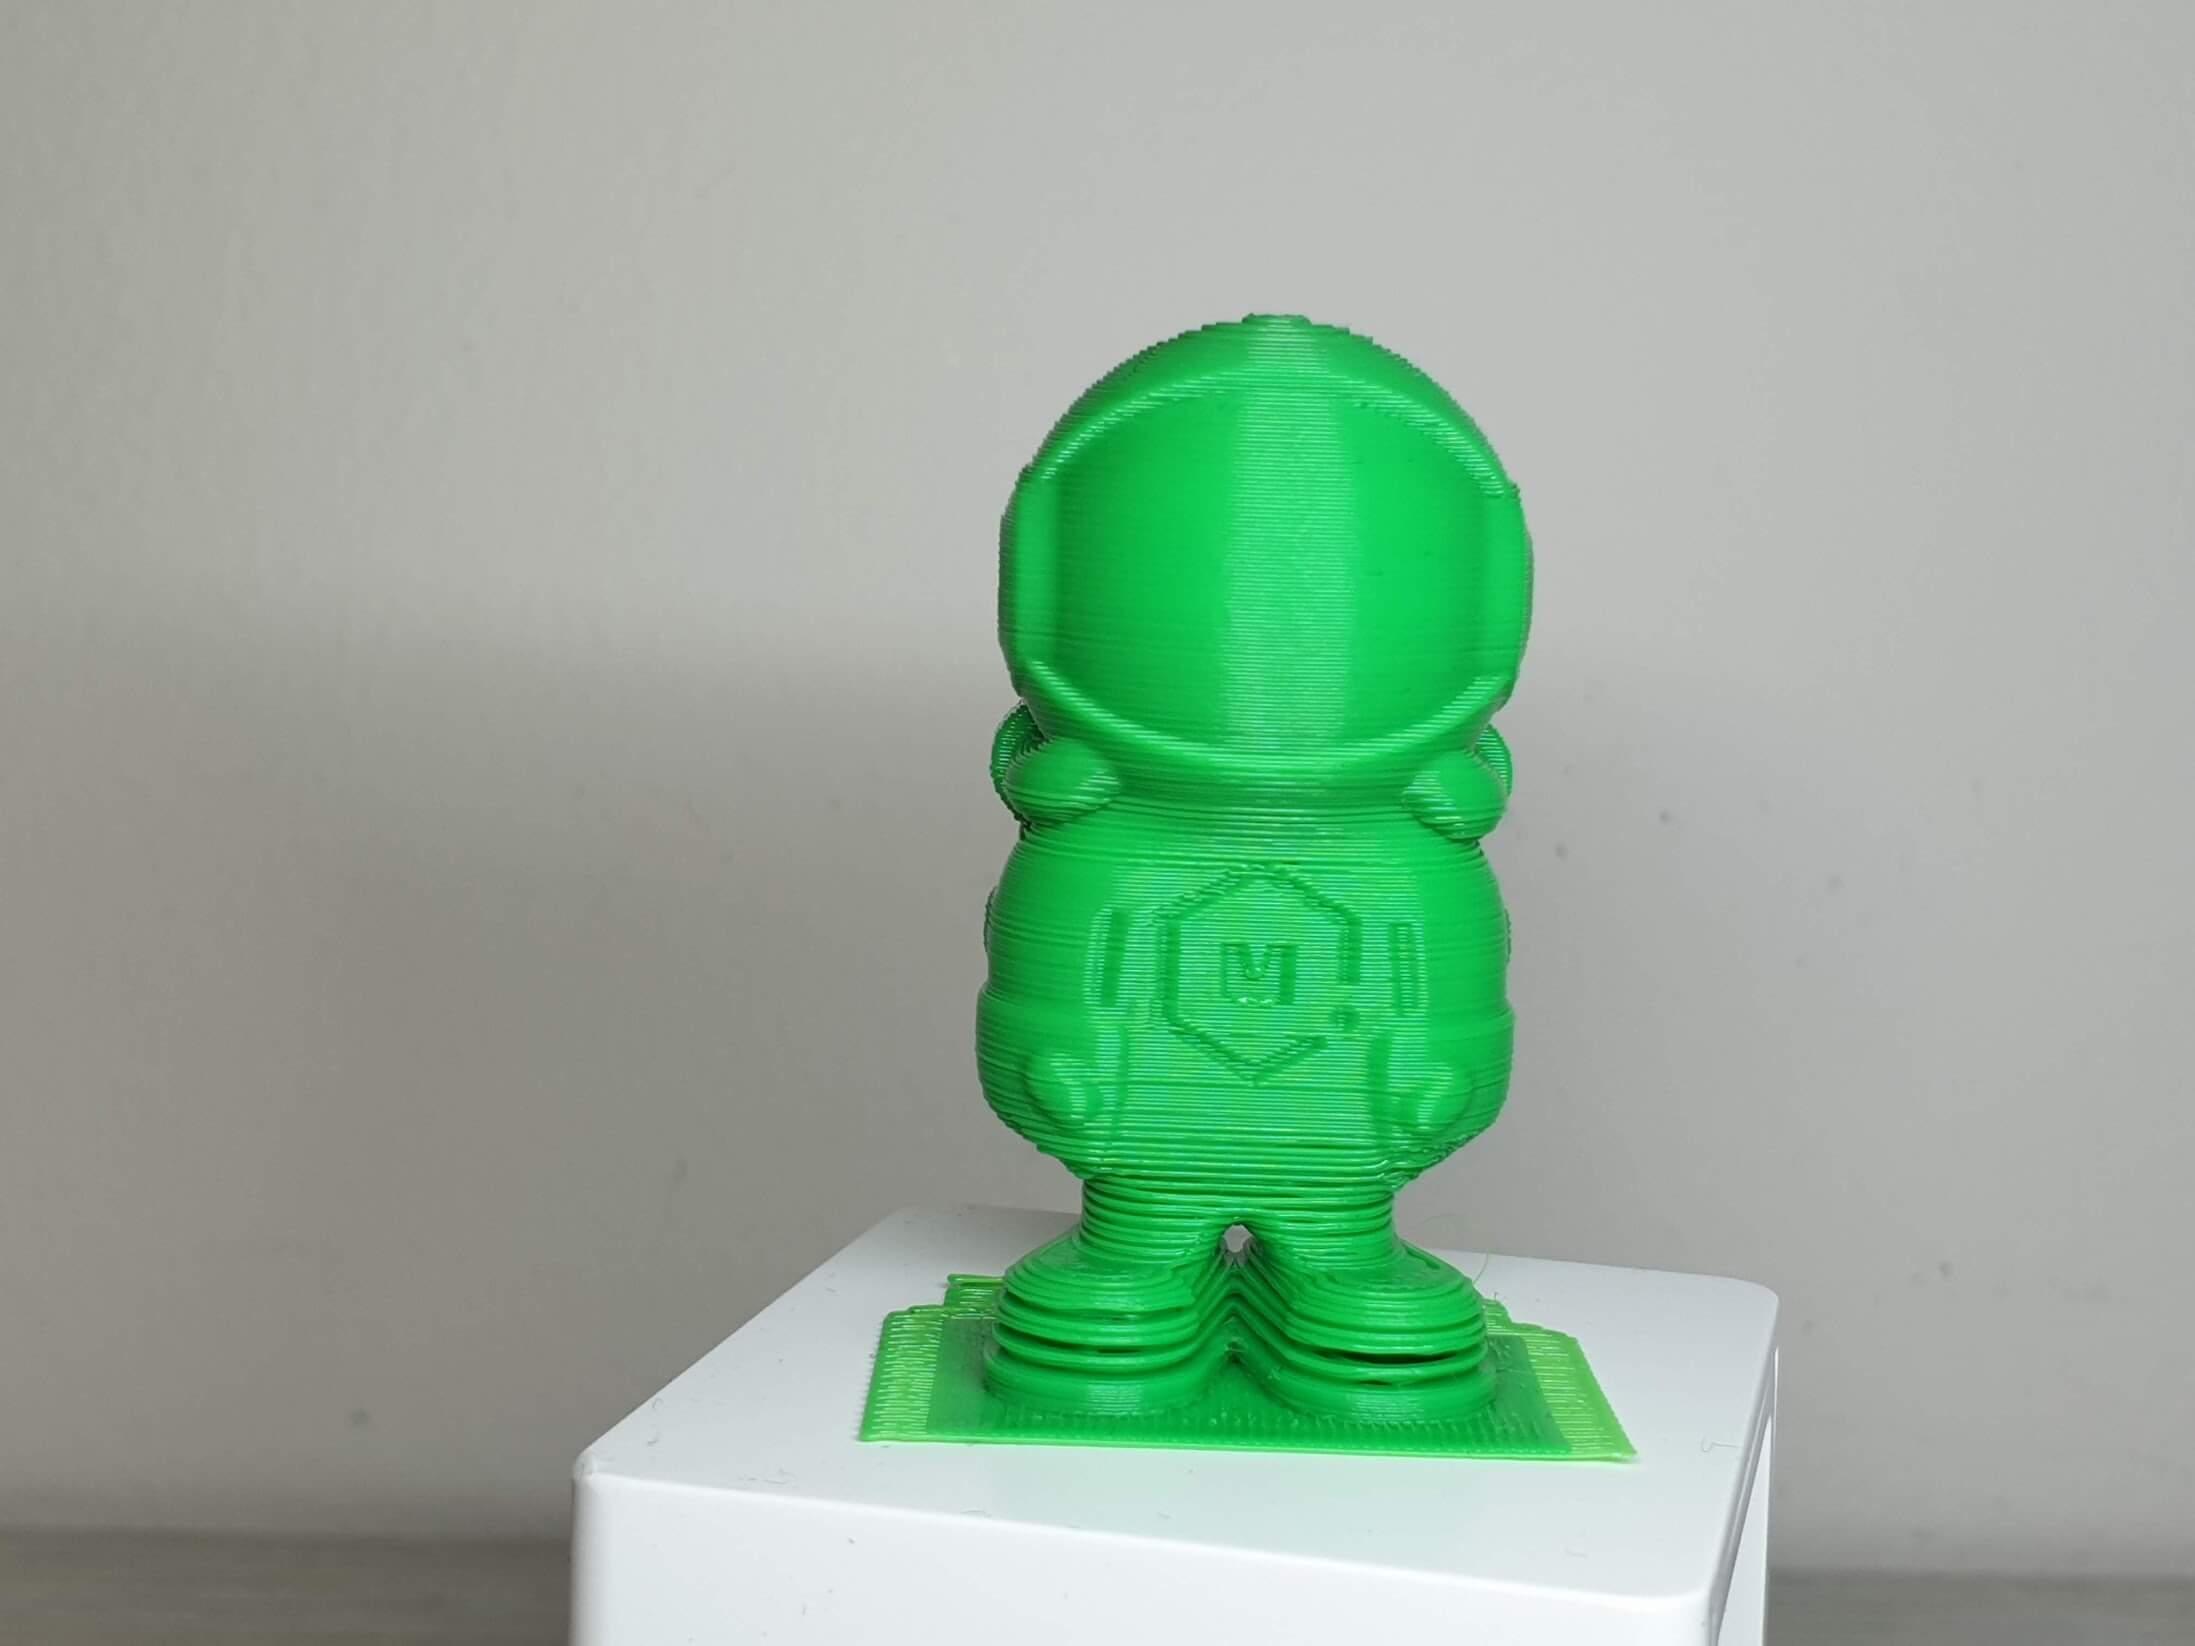 Phil A Ment on Longer Cube2 Mini 2 | Cube2 Mini Review - 3D Printer for Kids